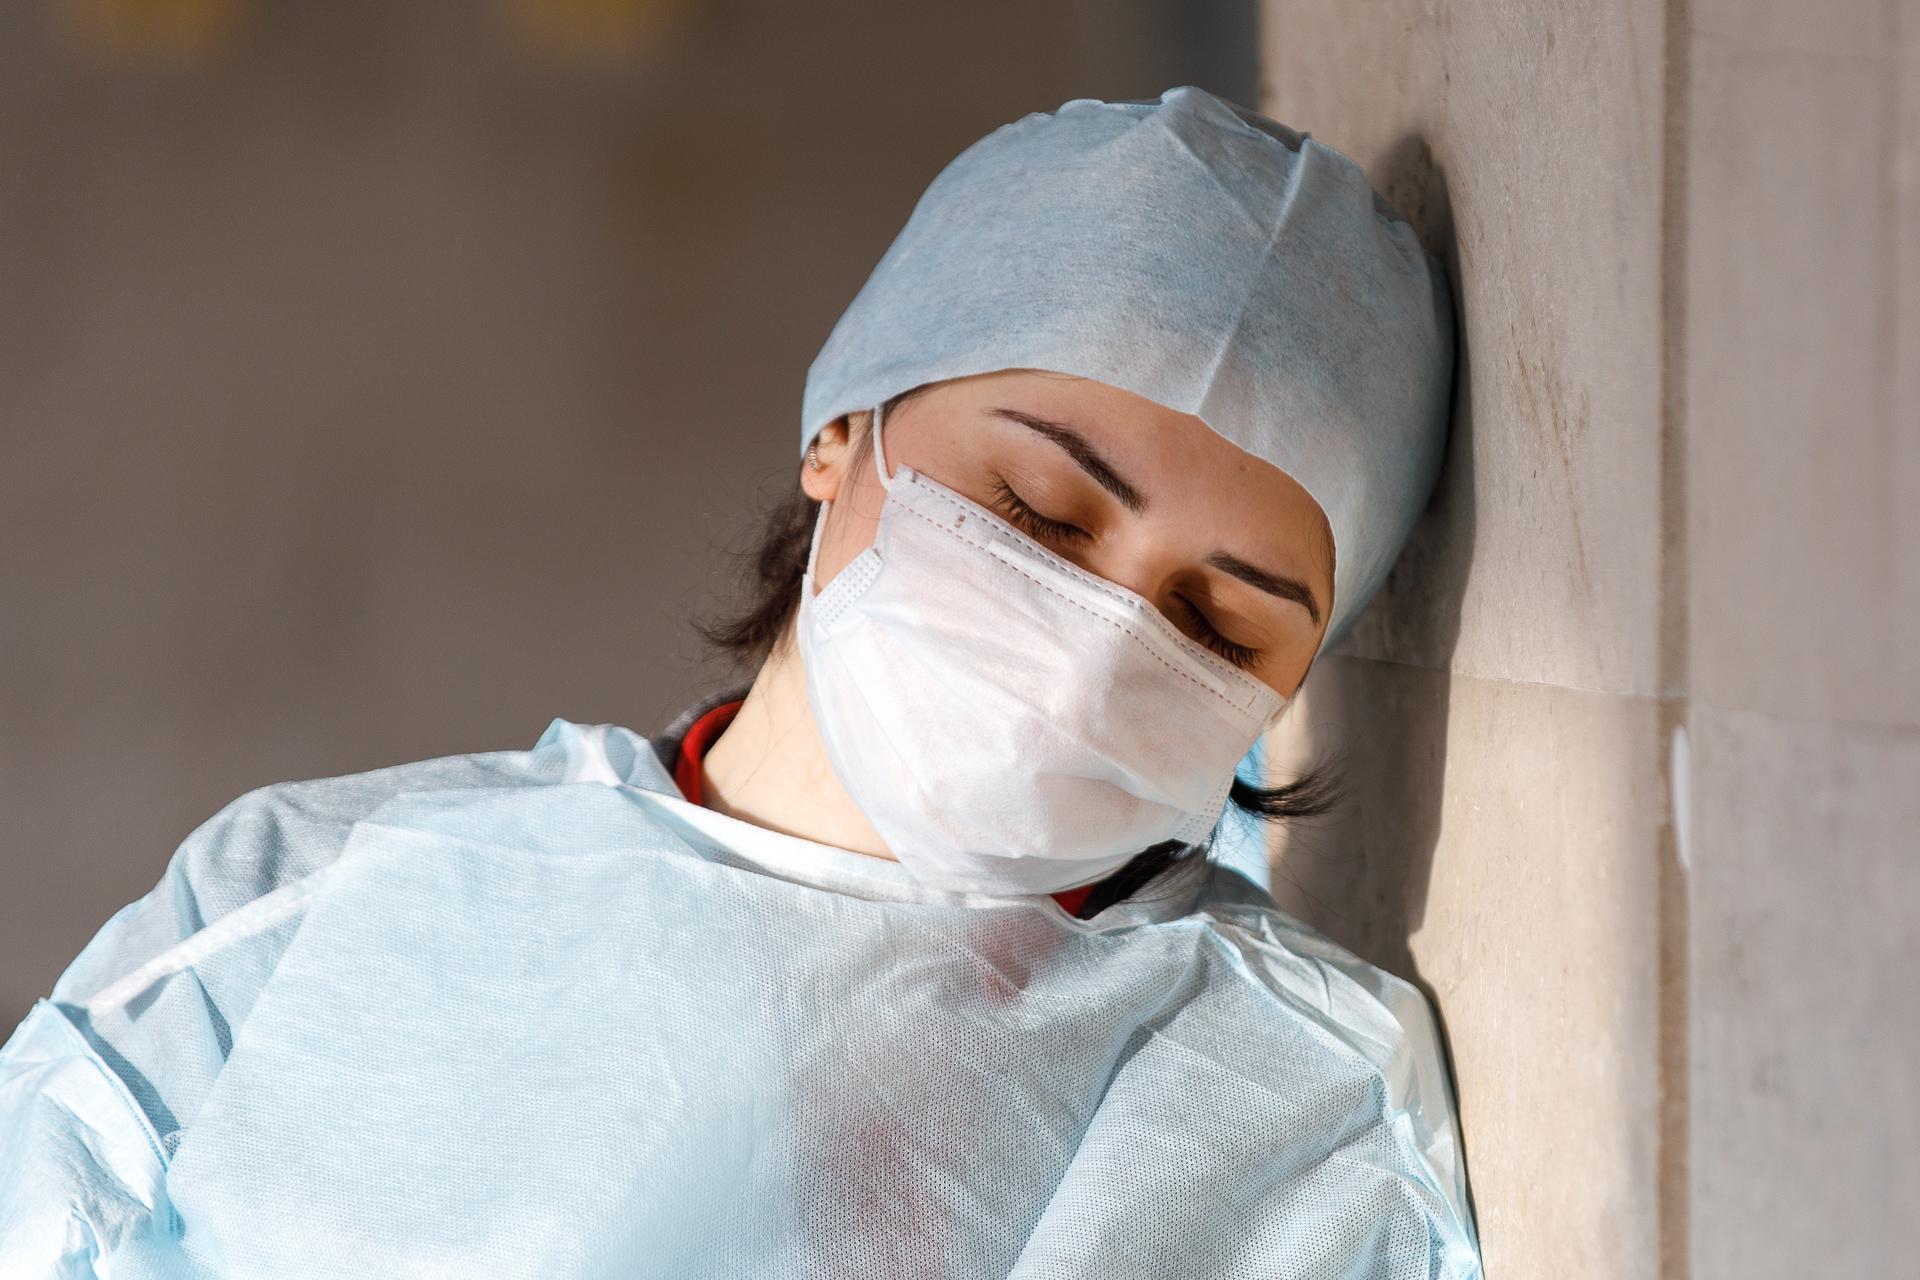 Опыт Италии показал, что треть врачей, контактировавших сCOVID- положительными пациентами, тоже заразилась коронавирусом